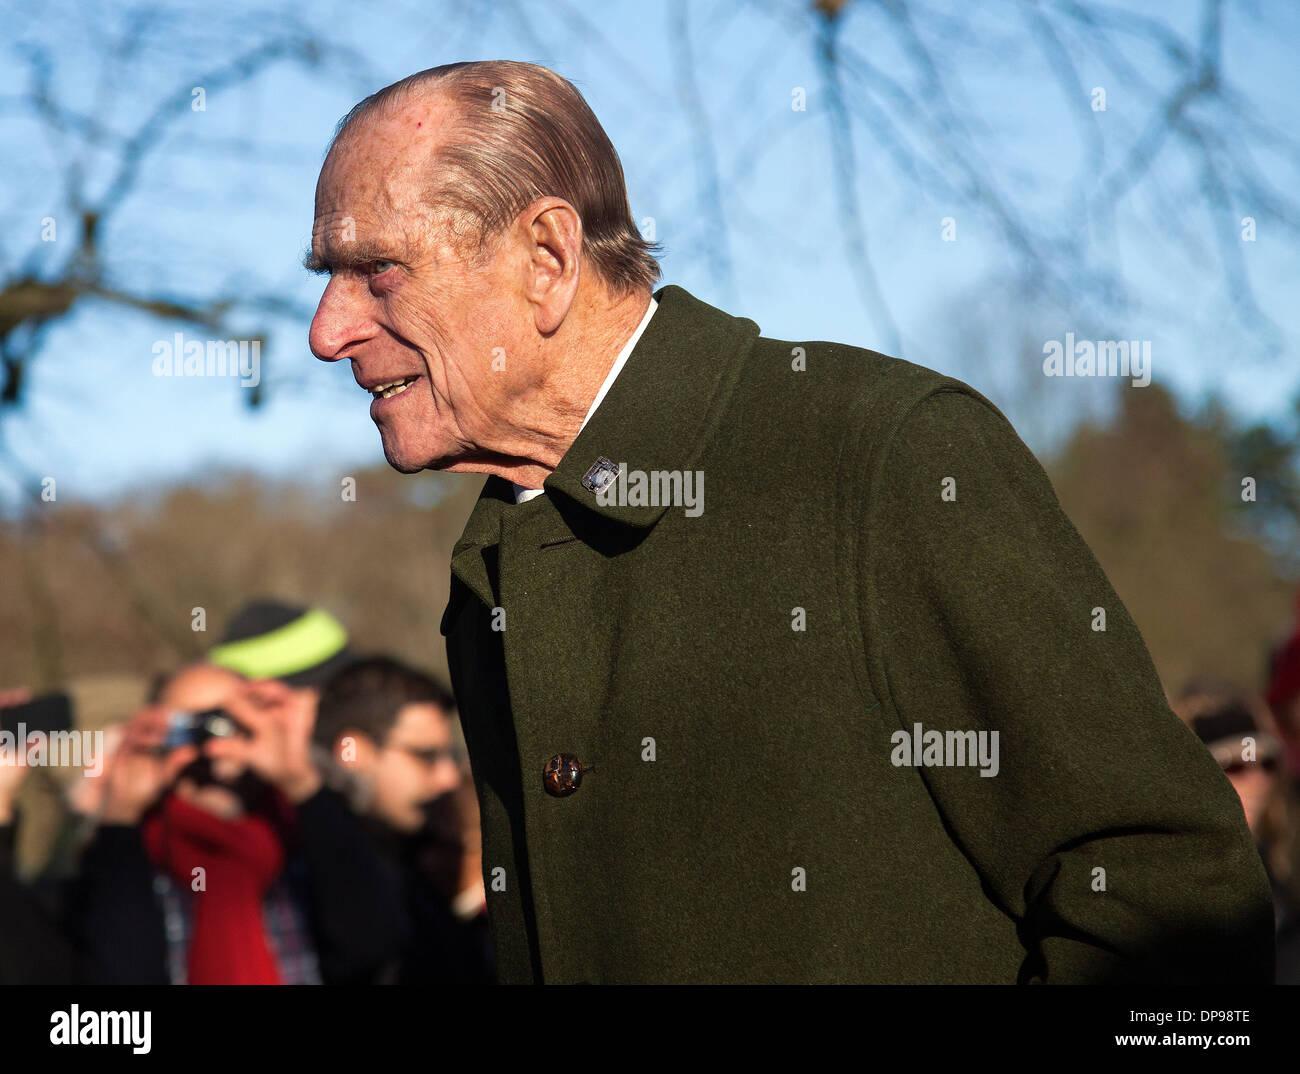 El príncipe Felipe, Duque de Edimburgo, asiste a la familia real servicio en Sandringham el día de Navidad de 2013 Imagen De Stock